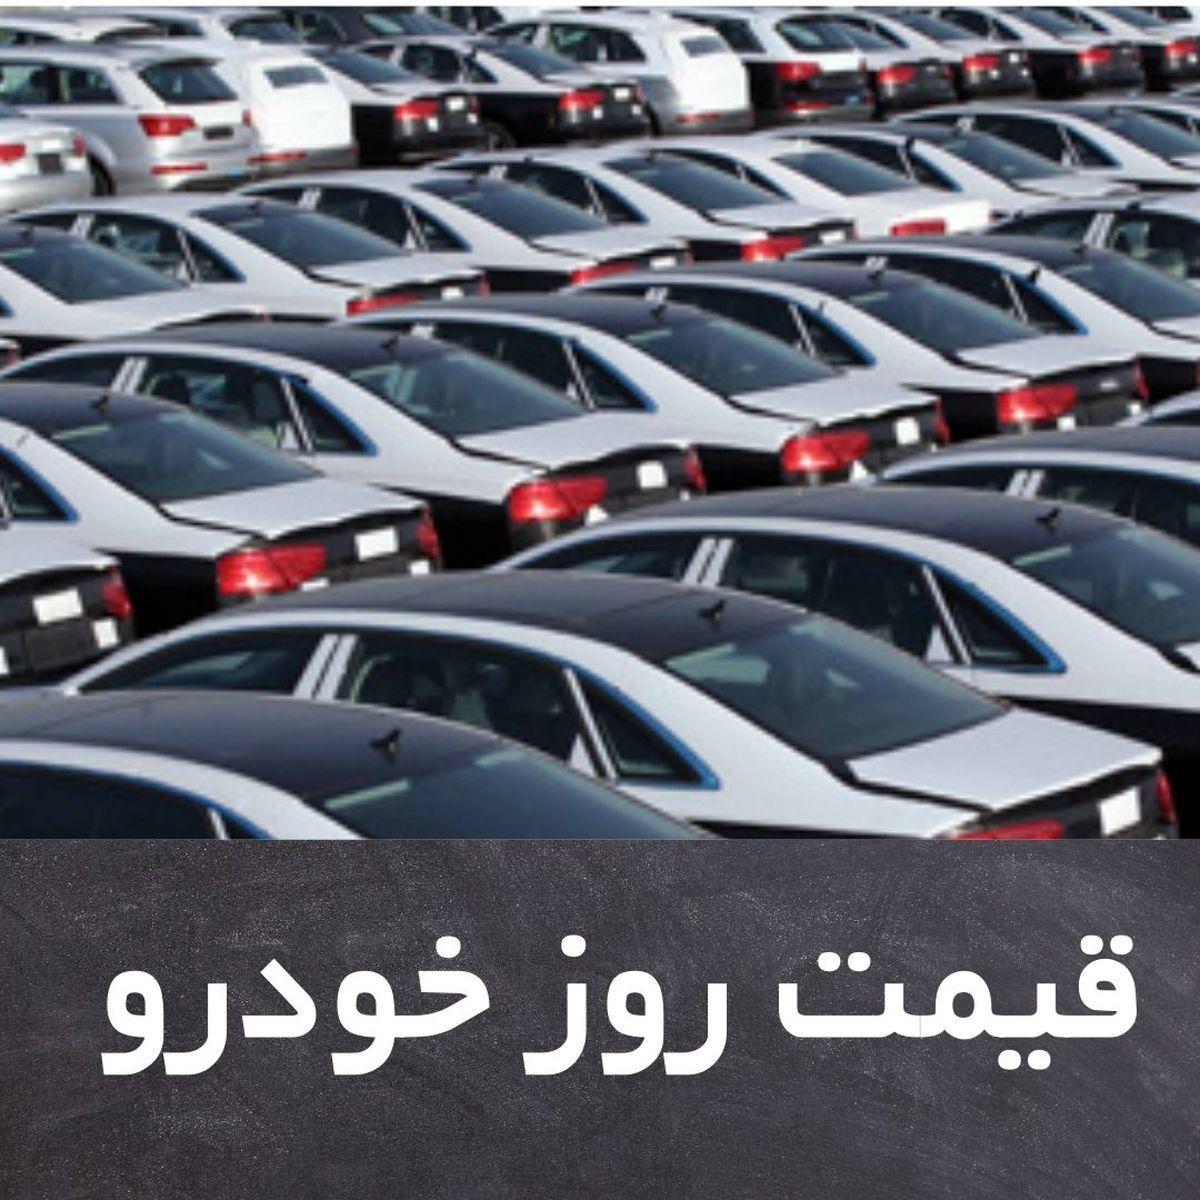 قیمت روز خودرو شنبه 11 اردیبهشت + جدول